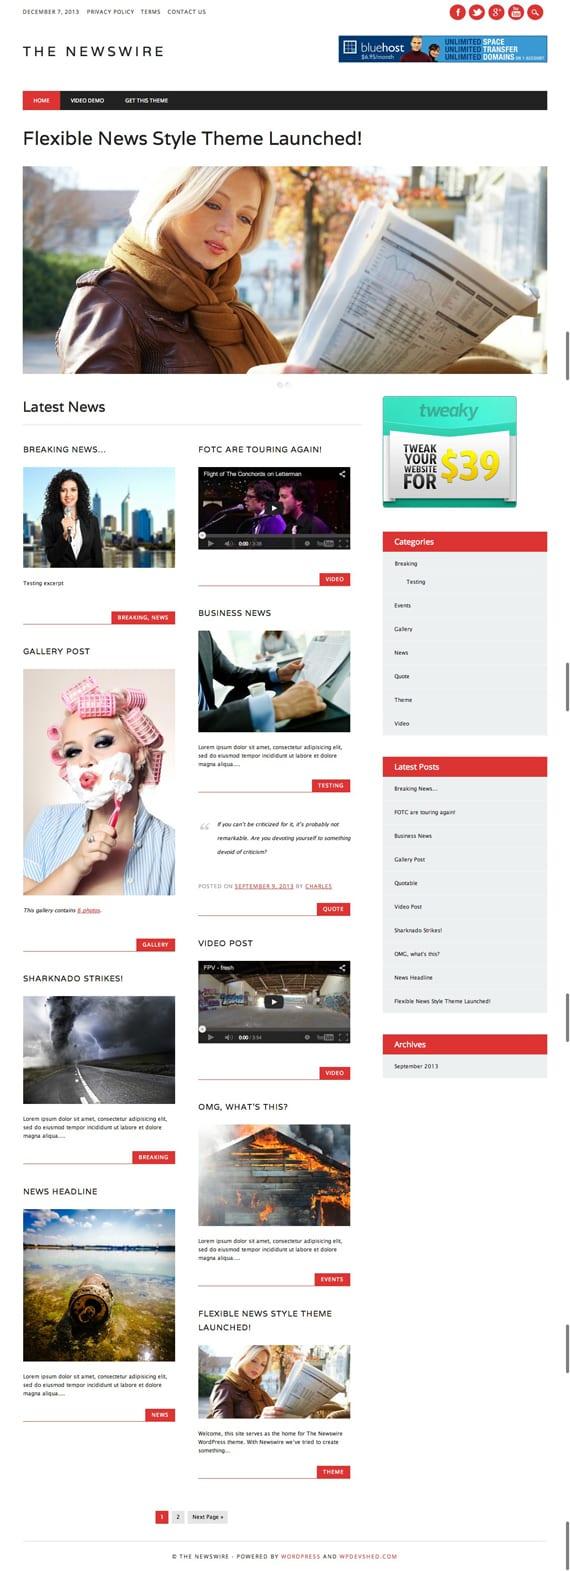 The Newswire